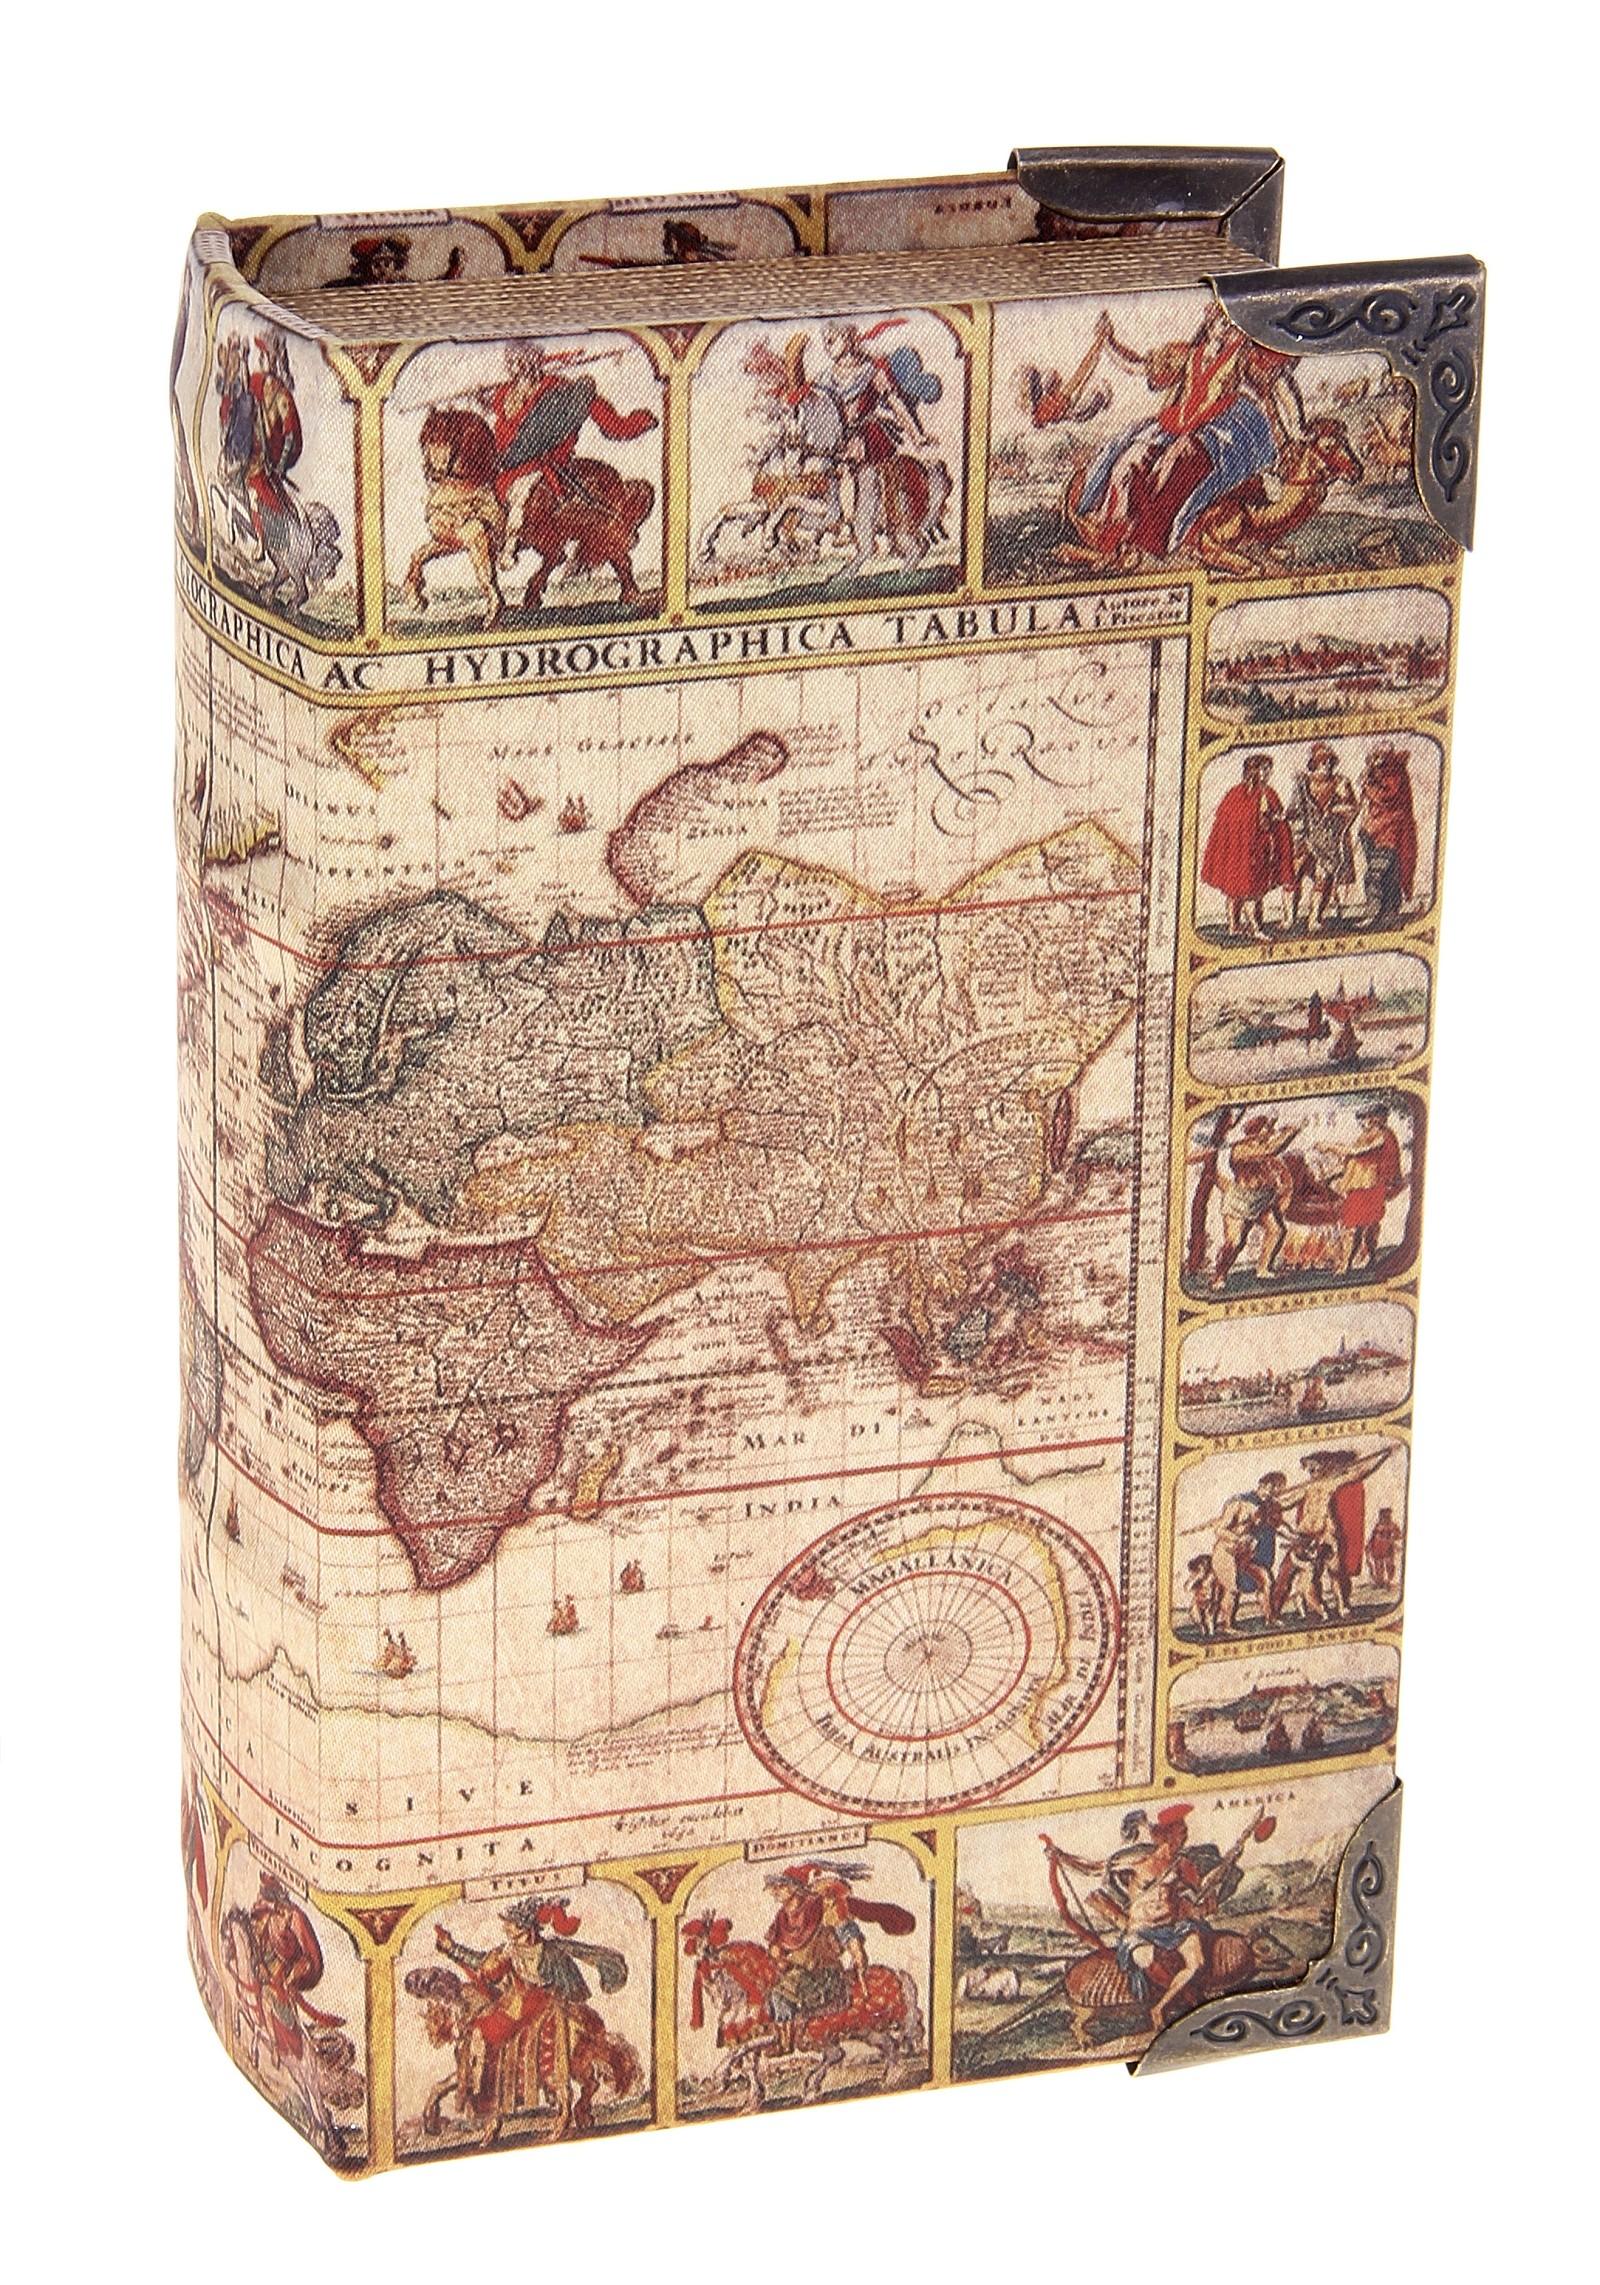 Шкатулка-книга Карта исследователя41619Шкатулка-книга Карта исследователя изготовлена из дерева. Оригинальное оформление шкатулки, несомненно, привлечет внимание. Шкатулка изготовлена в виде книги, поверхность которой выполнена из шёлка и оформлена изображением старинной карты мира. Такая шкатулка может использоваться для хранения бижутерии, в качестве украшения интерьера, а также послужит хорошим подарком для человека, ценящего практичные и оригинальные вещицы. Характеристики:Материал: дерево, шёлк, металл, кожзам. Цвет: коричневый. Размер шкатулки (в закрытом виде): 17 см х 11 см х 5 см. Размер упаковки: 18 см х 12 см х 5,5 см. Артикул: 680635.